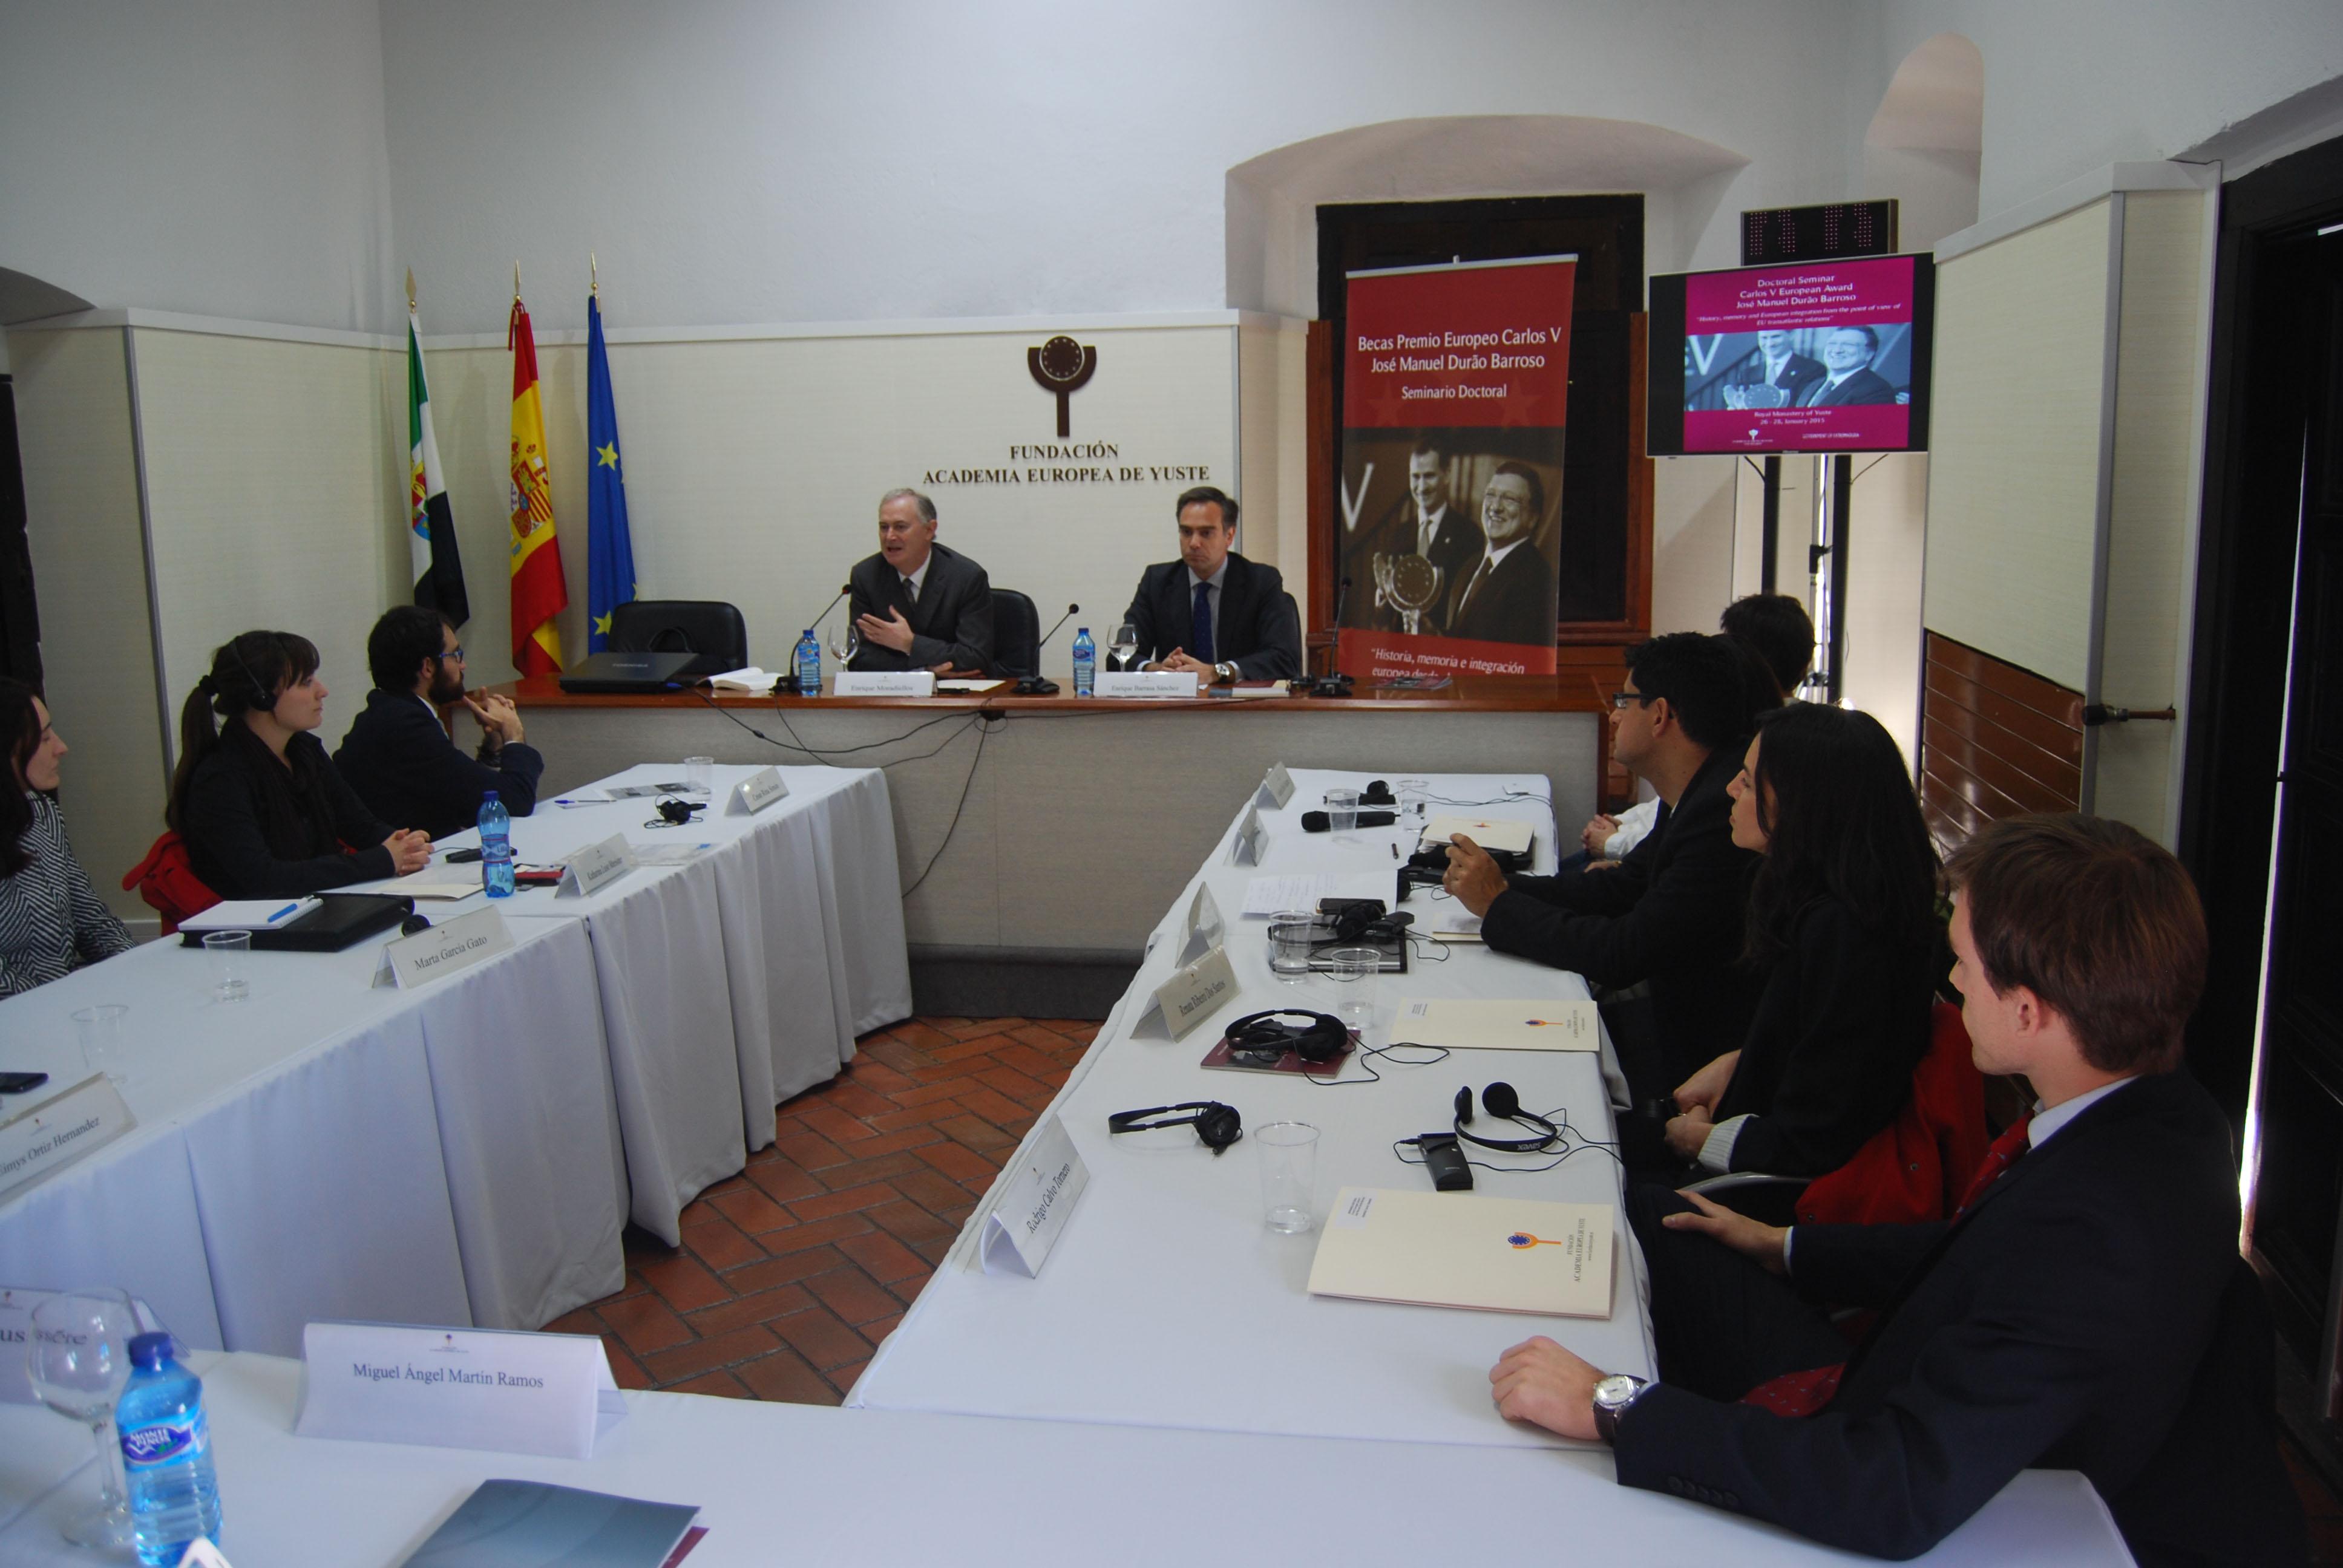 Barrasa afirma que las ideas, la decisión y el liderazgo son las claves para seguir avanzando hacia una Unión Europea cohesionada y solidaria